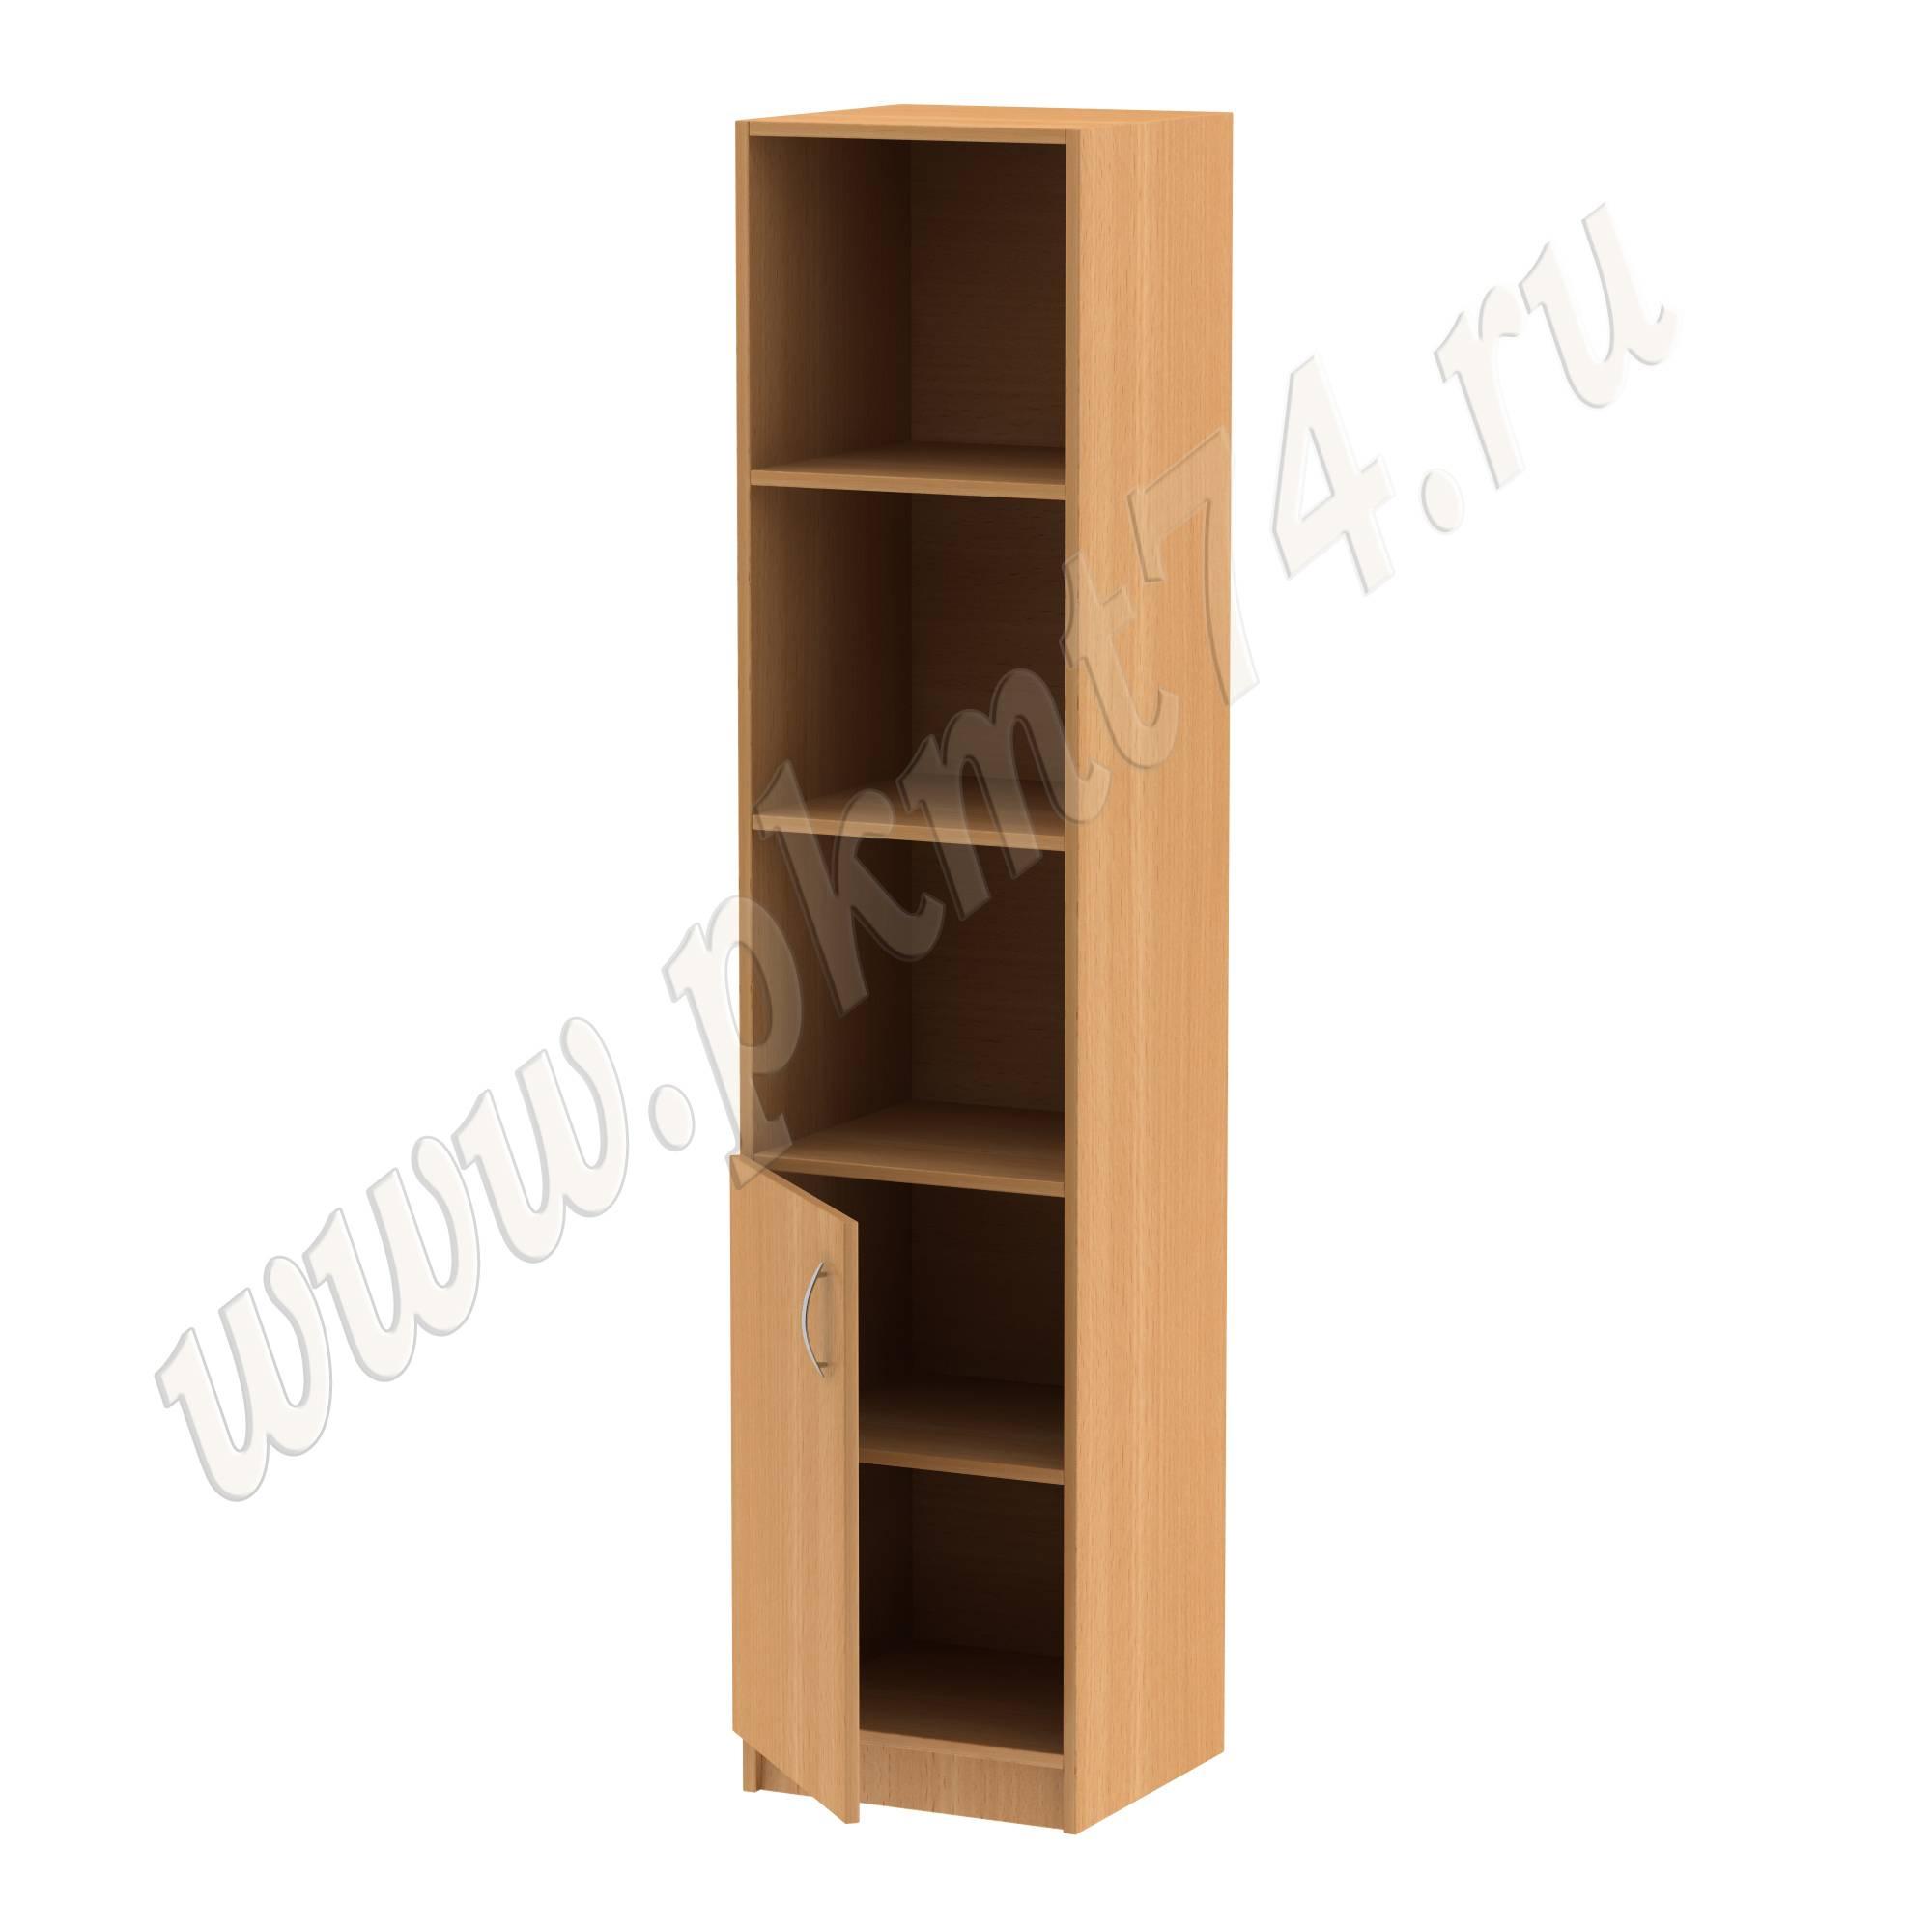 Пенал для хранения книг